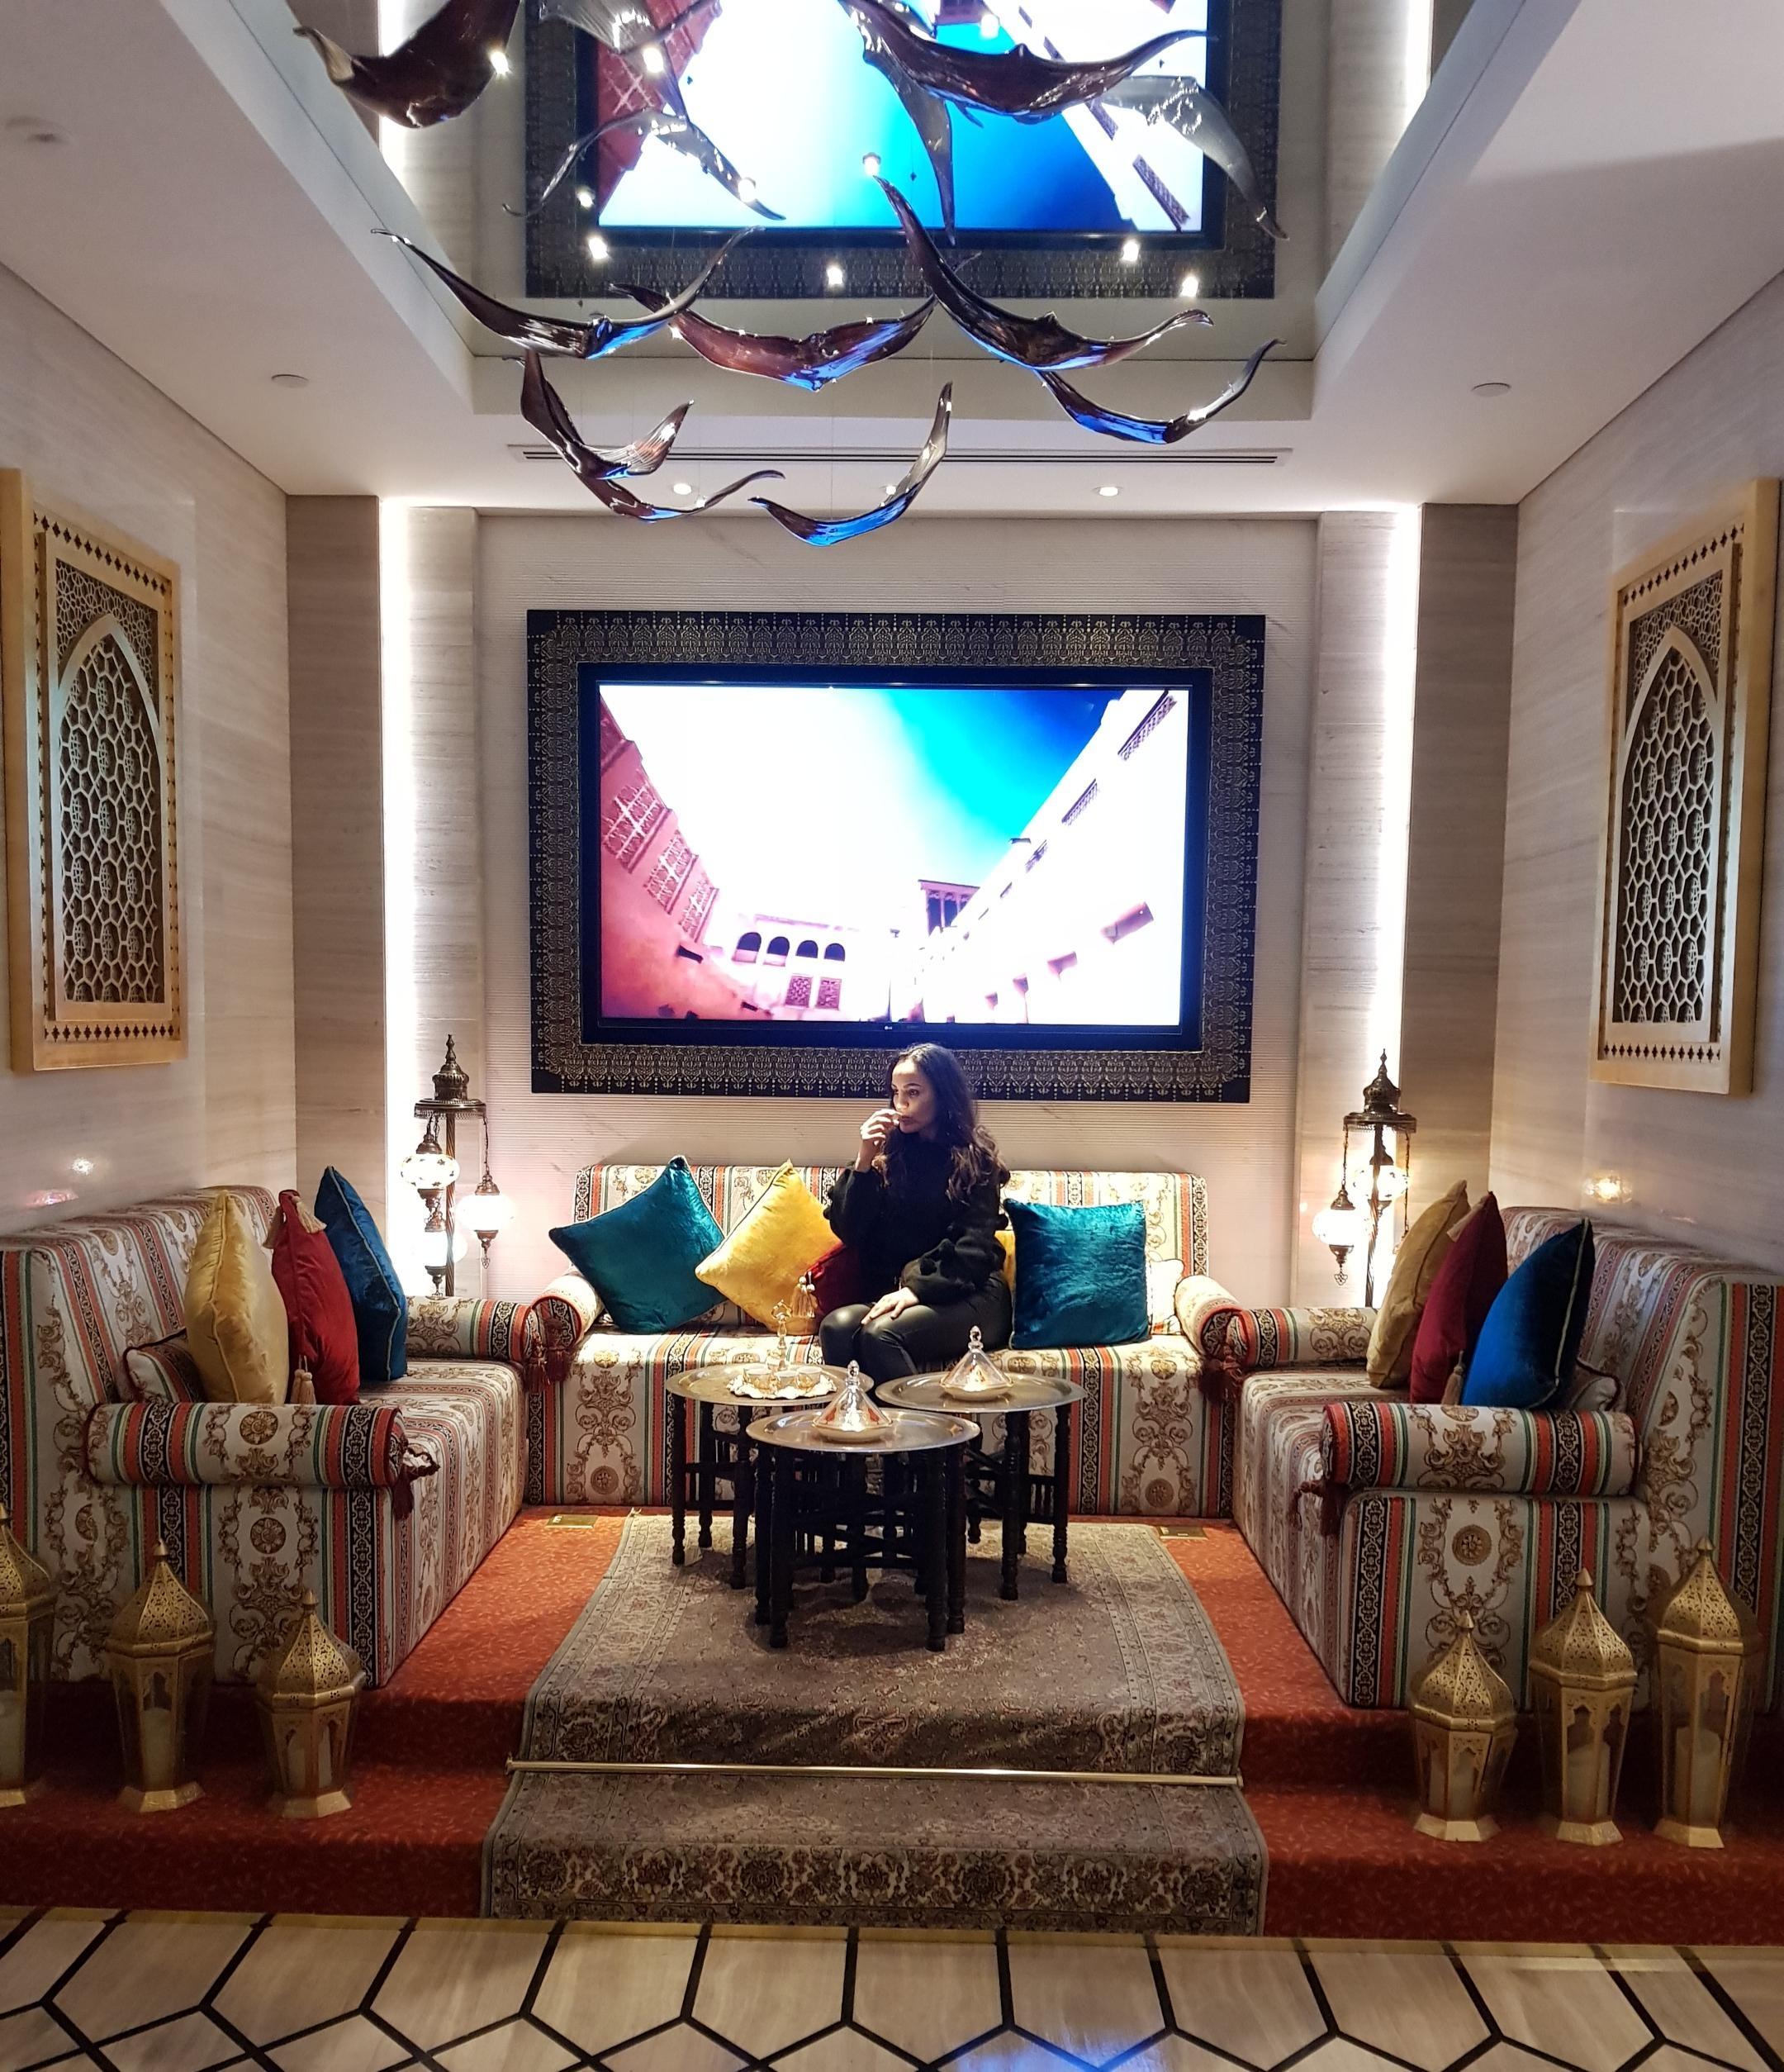 Dubai Style #couchliebt #dubai #wohnzimmer #oriental